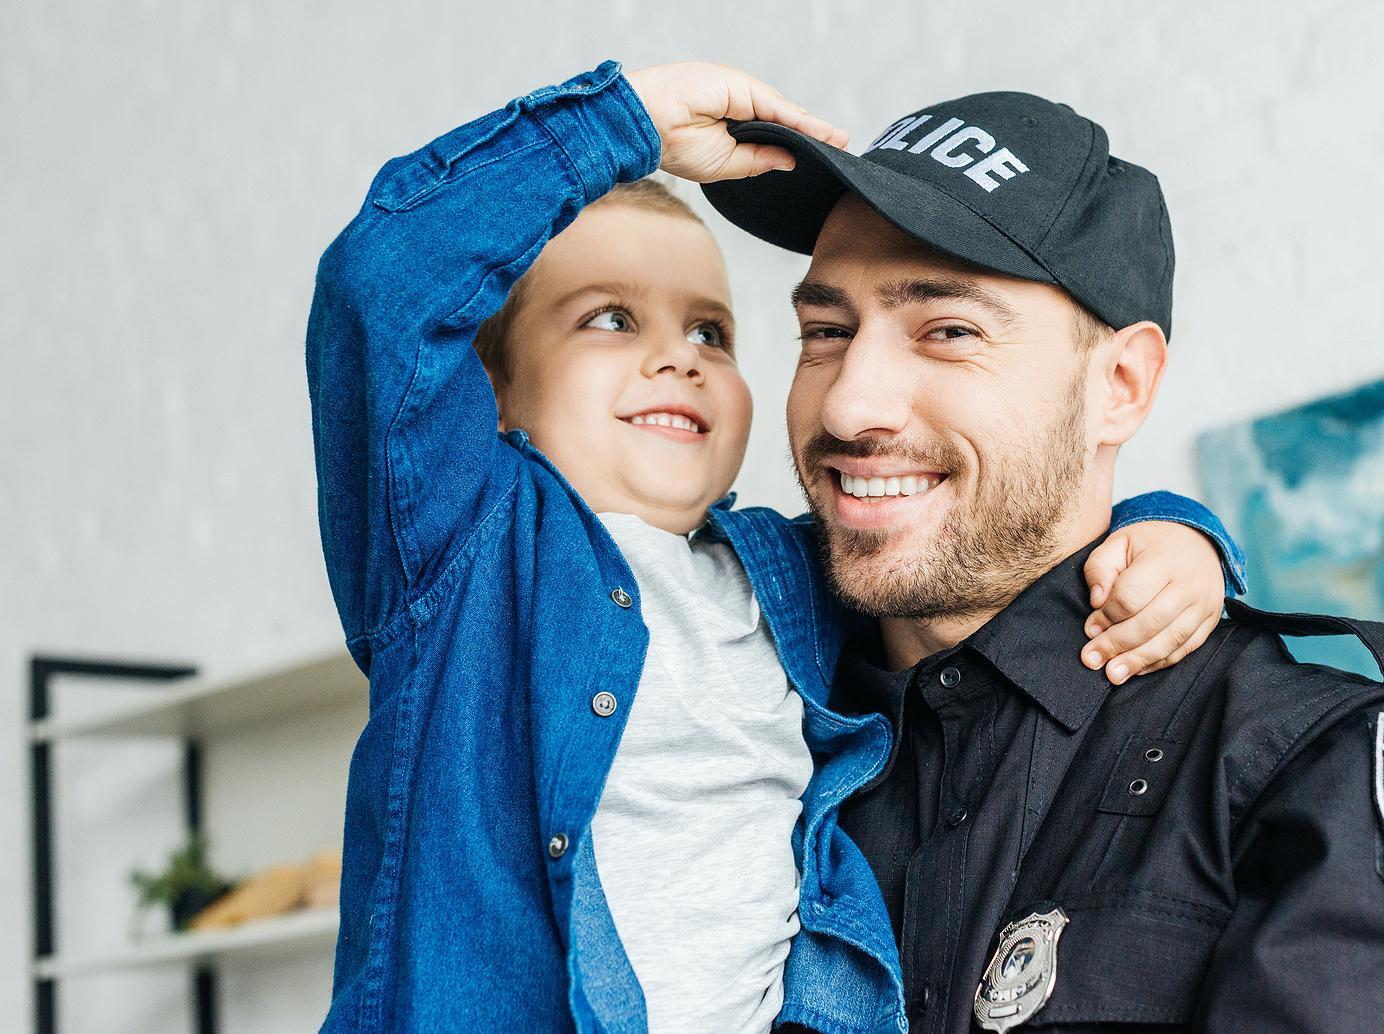 officer family